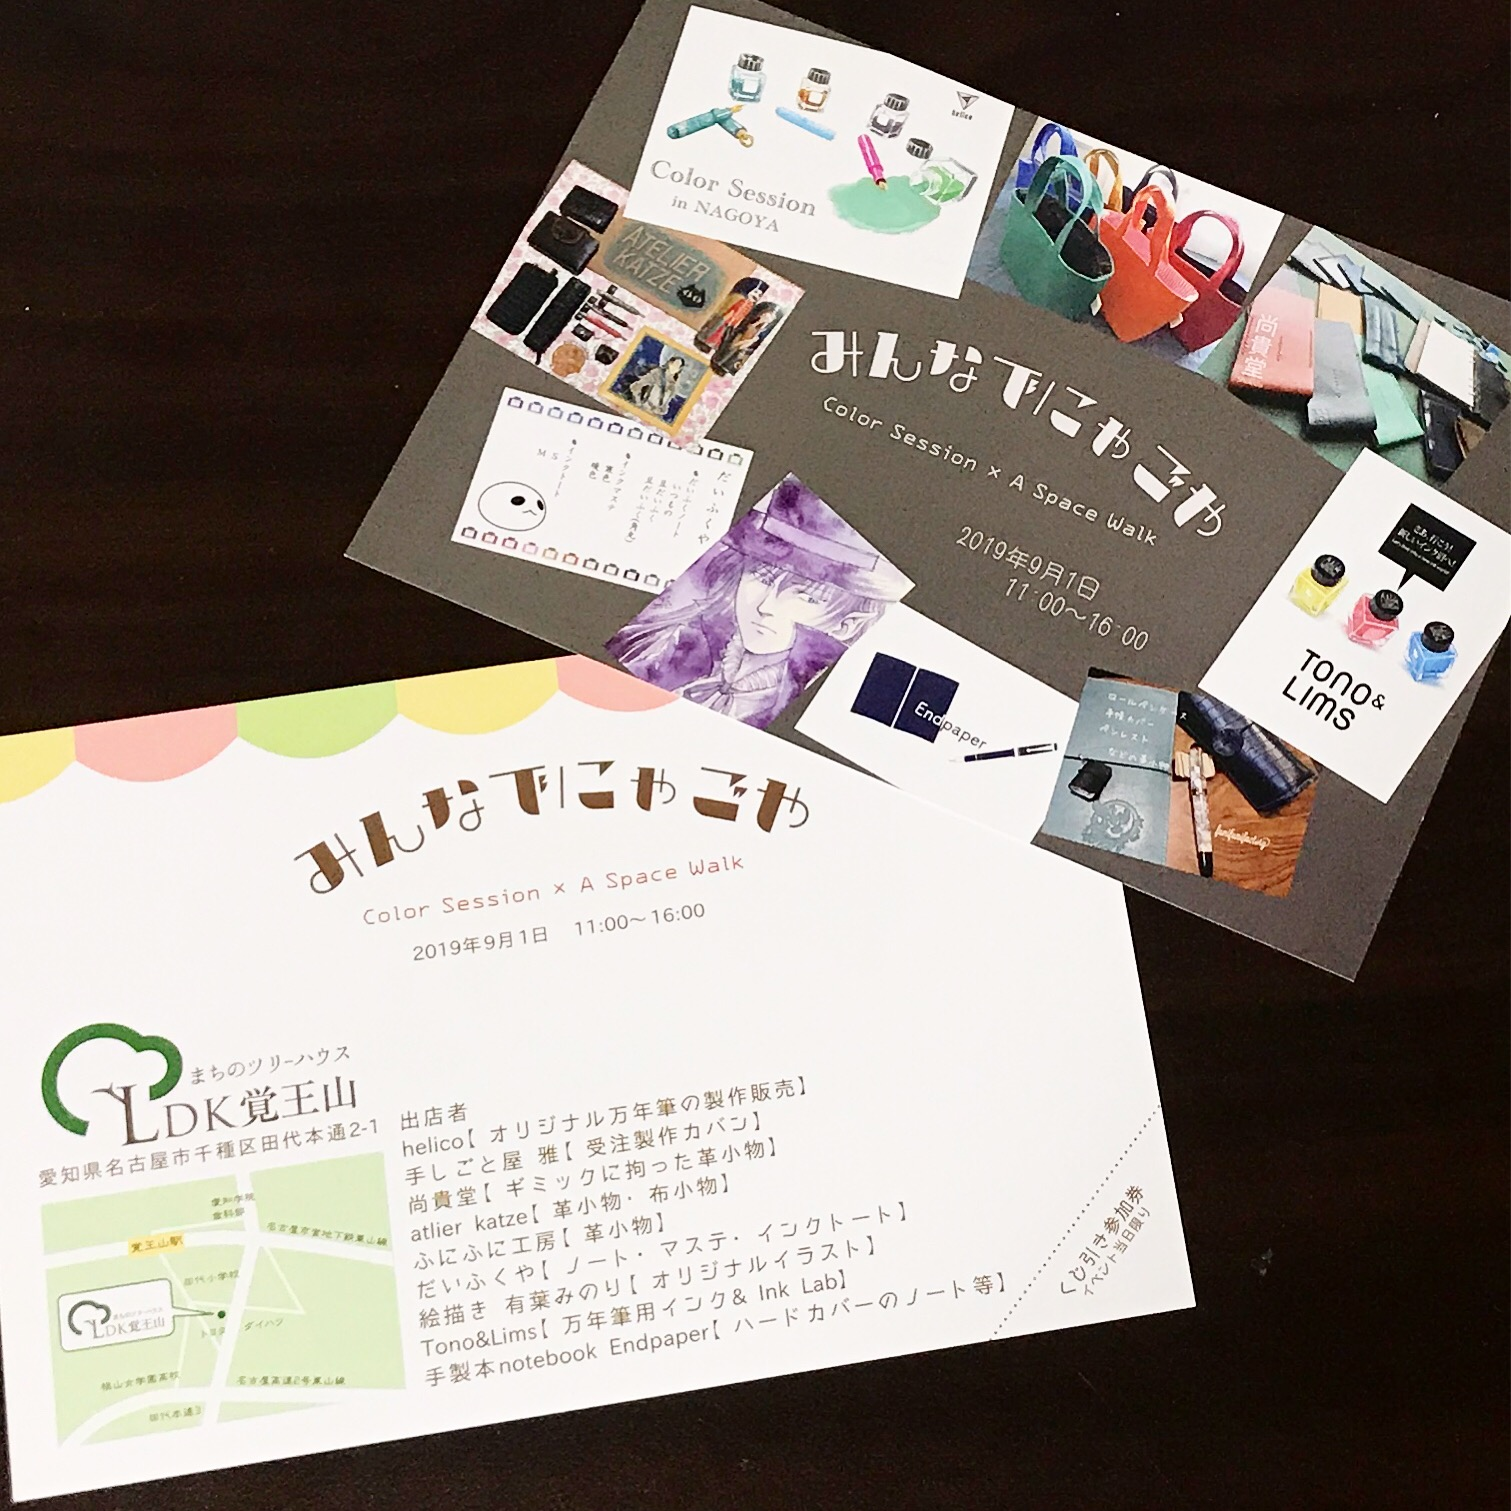 【イベント / 委託】9/1(日) 「みんなでにゃごや」にコラボ手製本ノートを出品します。